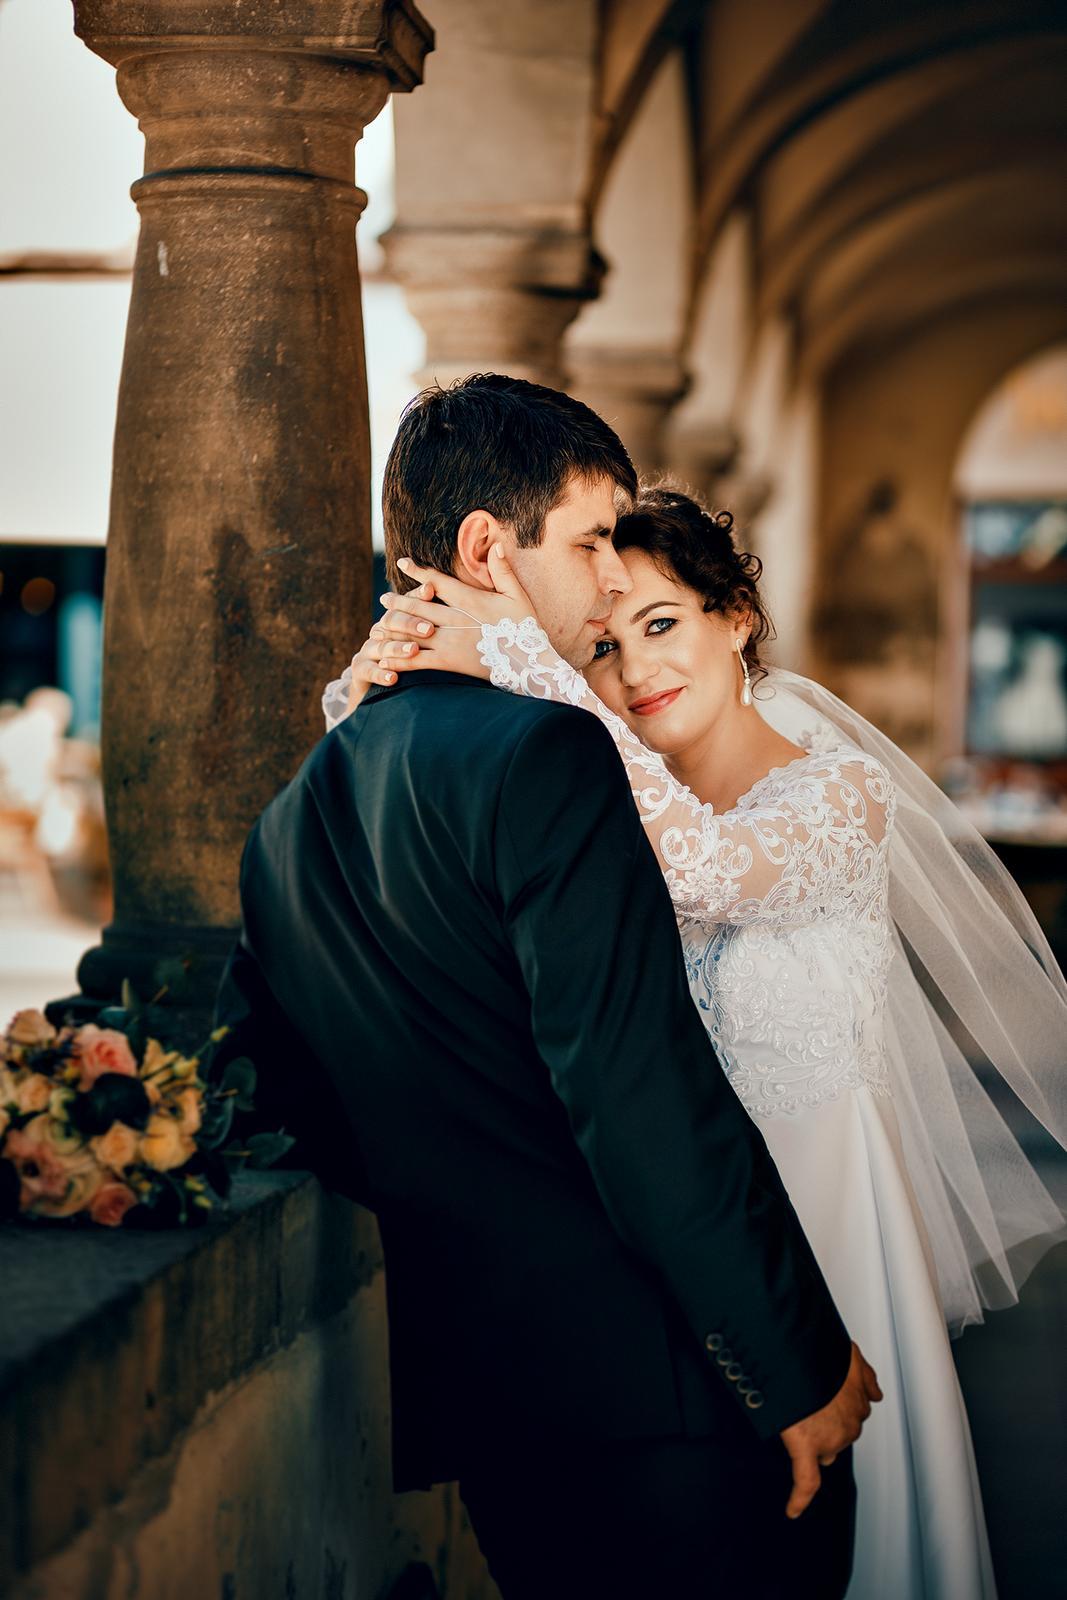 Svadobné príbehy ... - Obrázok č. 62